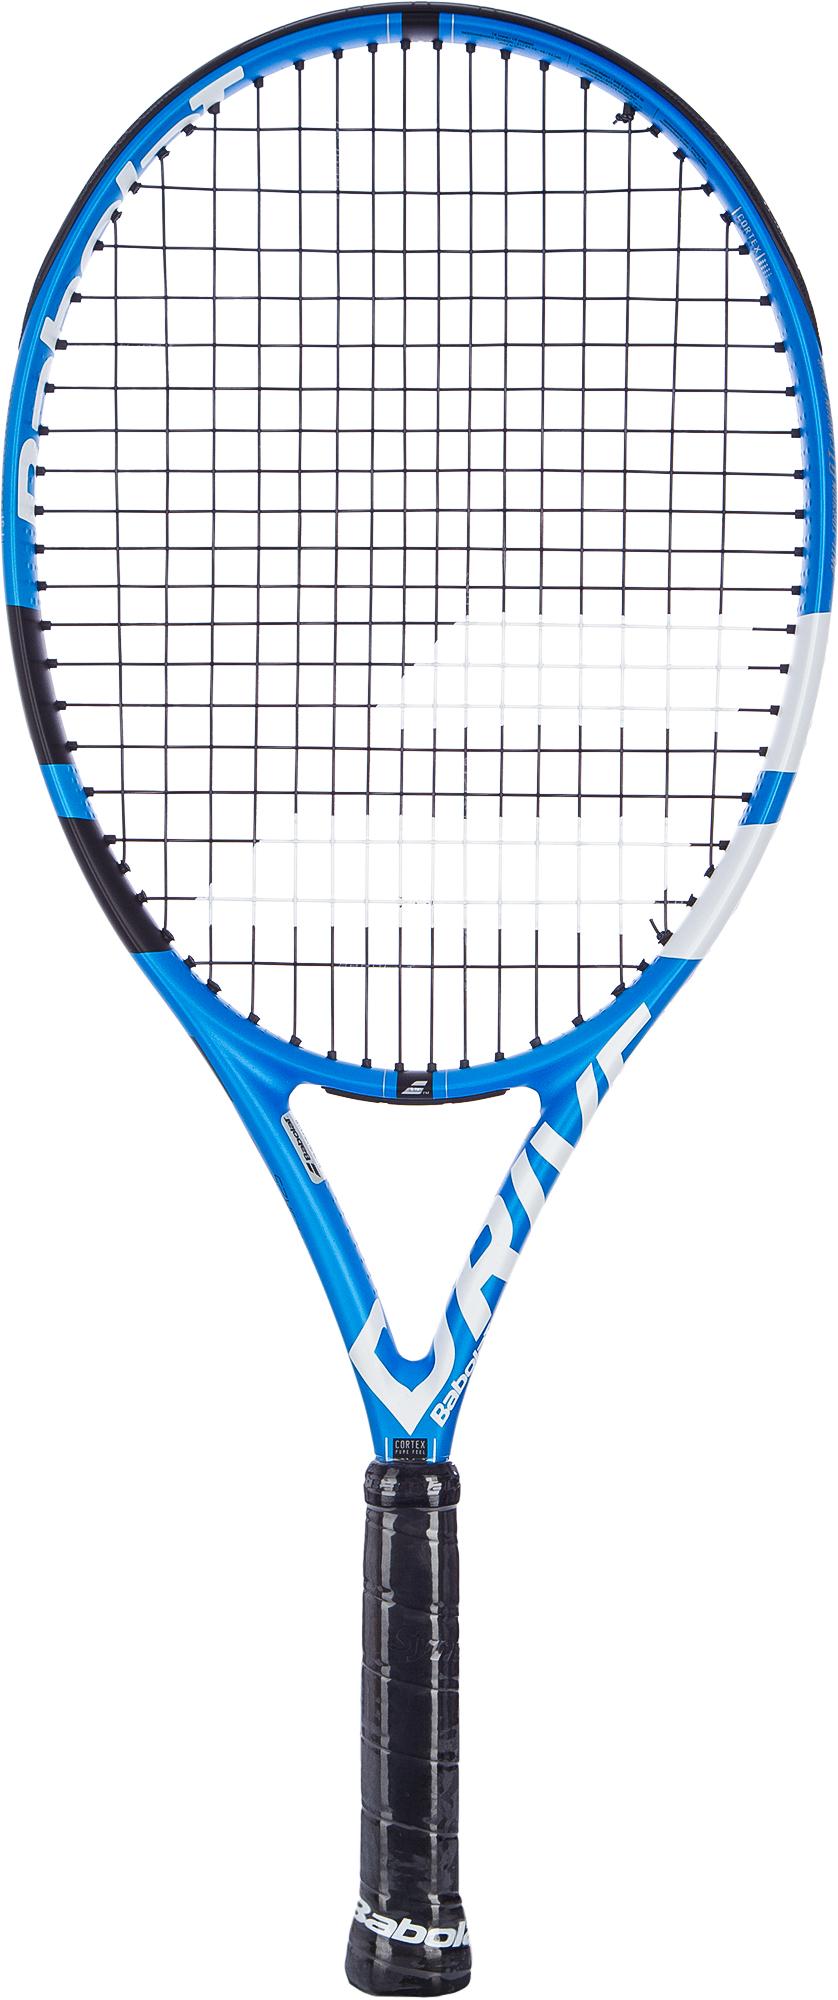 Babolat Ракетка для большого тенниса детская Babolat PURE DRIVE JUNIOR 25 babolat ракетка для большого тенниса детская babolat ballfighter 23